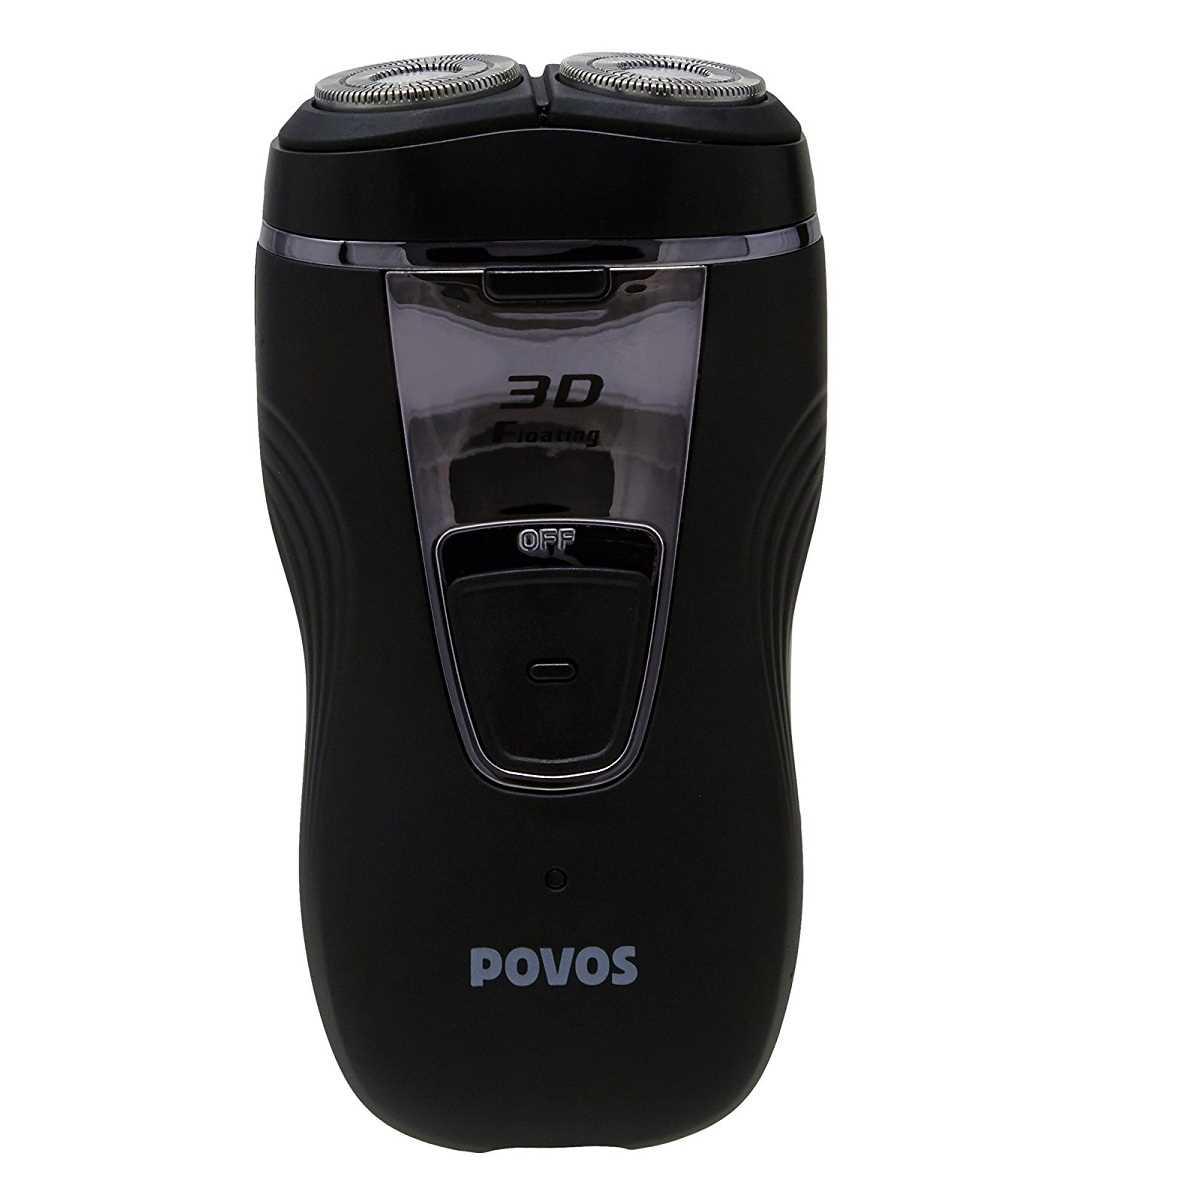 Povos PQ3902 Rotary Shaver